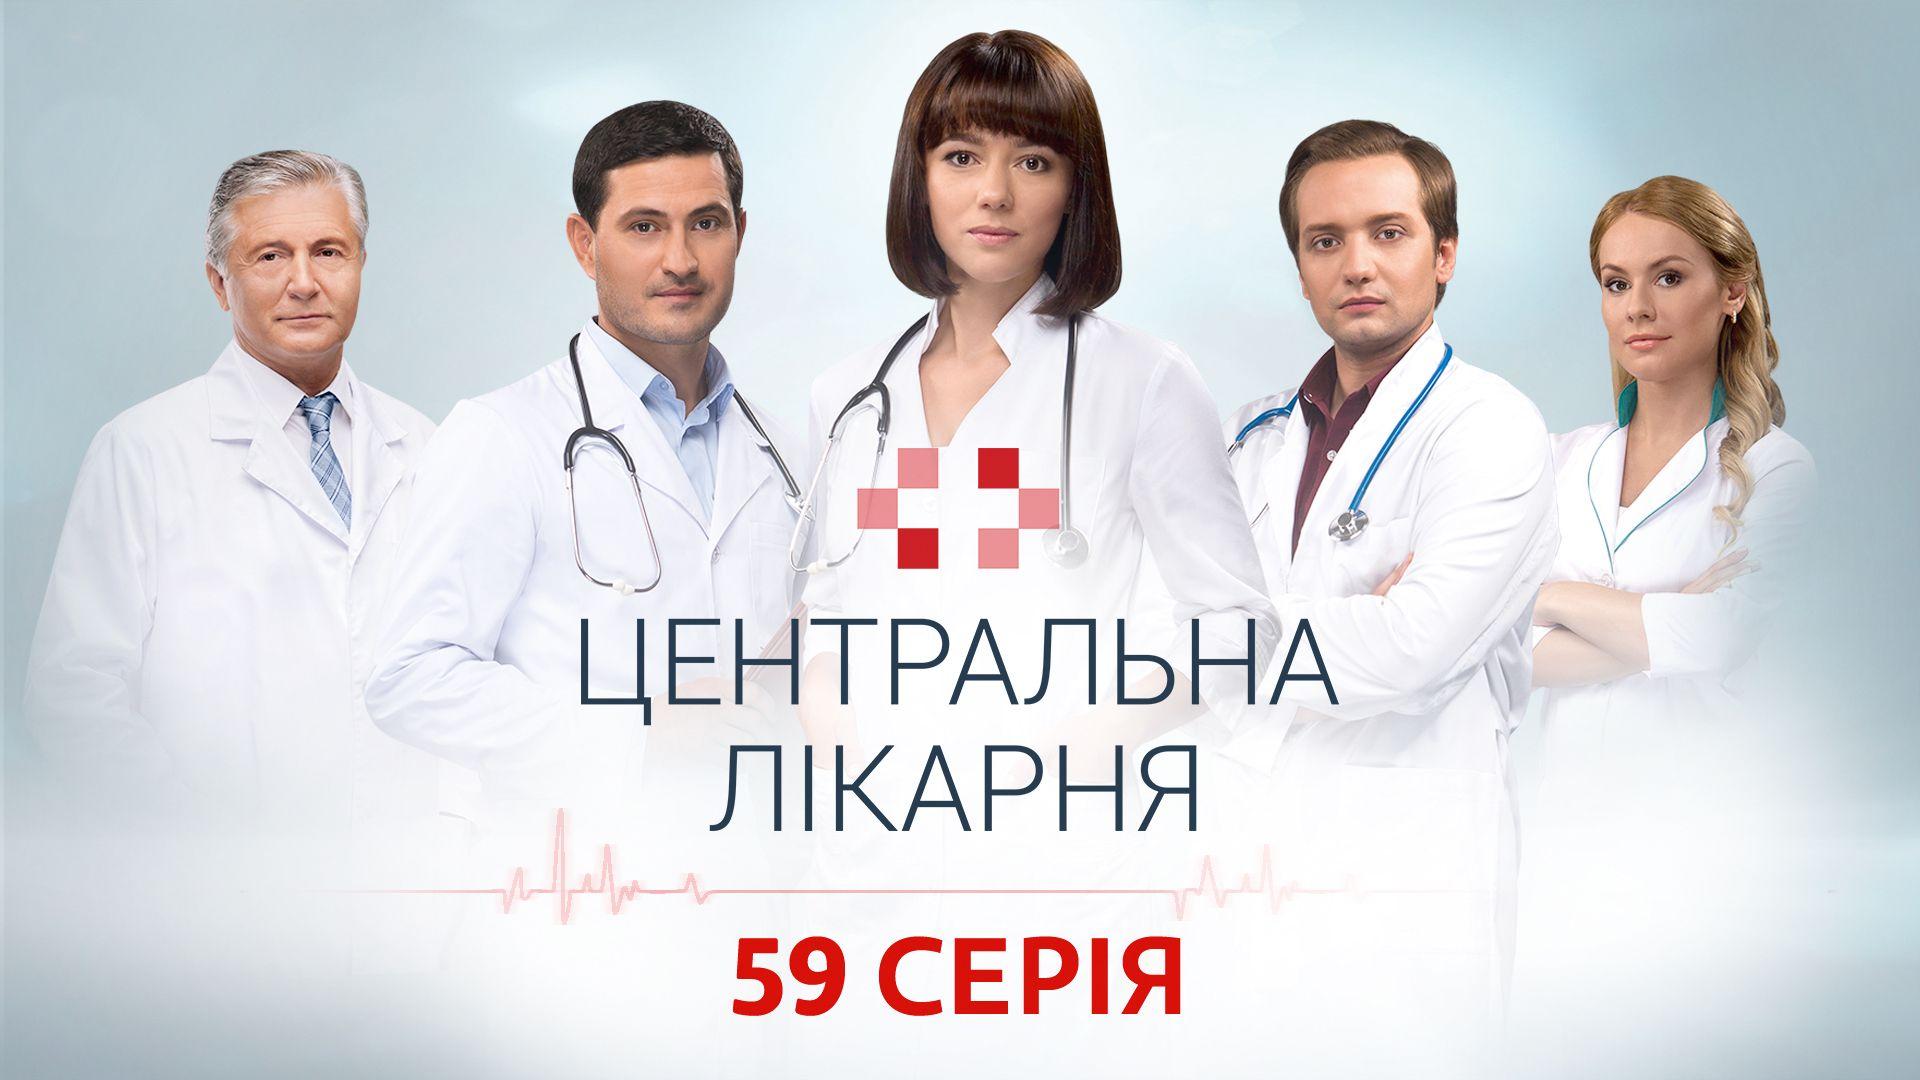 Поликлиники города москвы карта